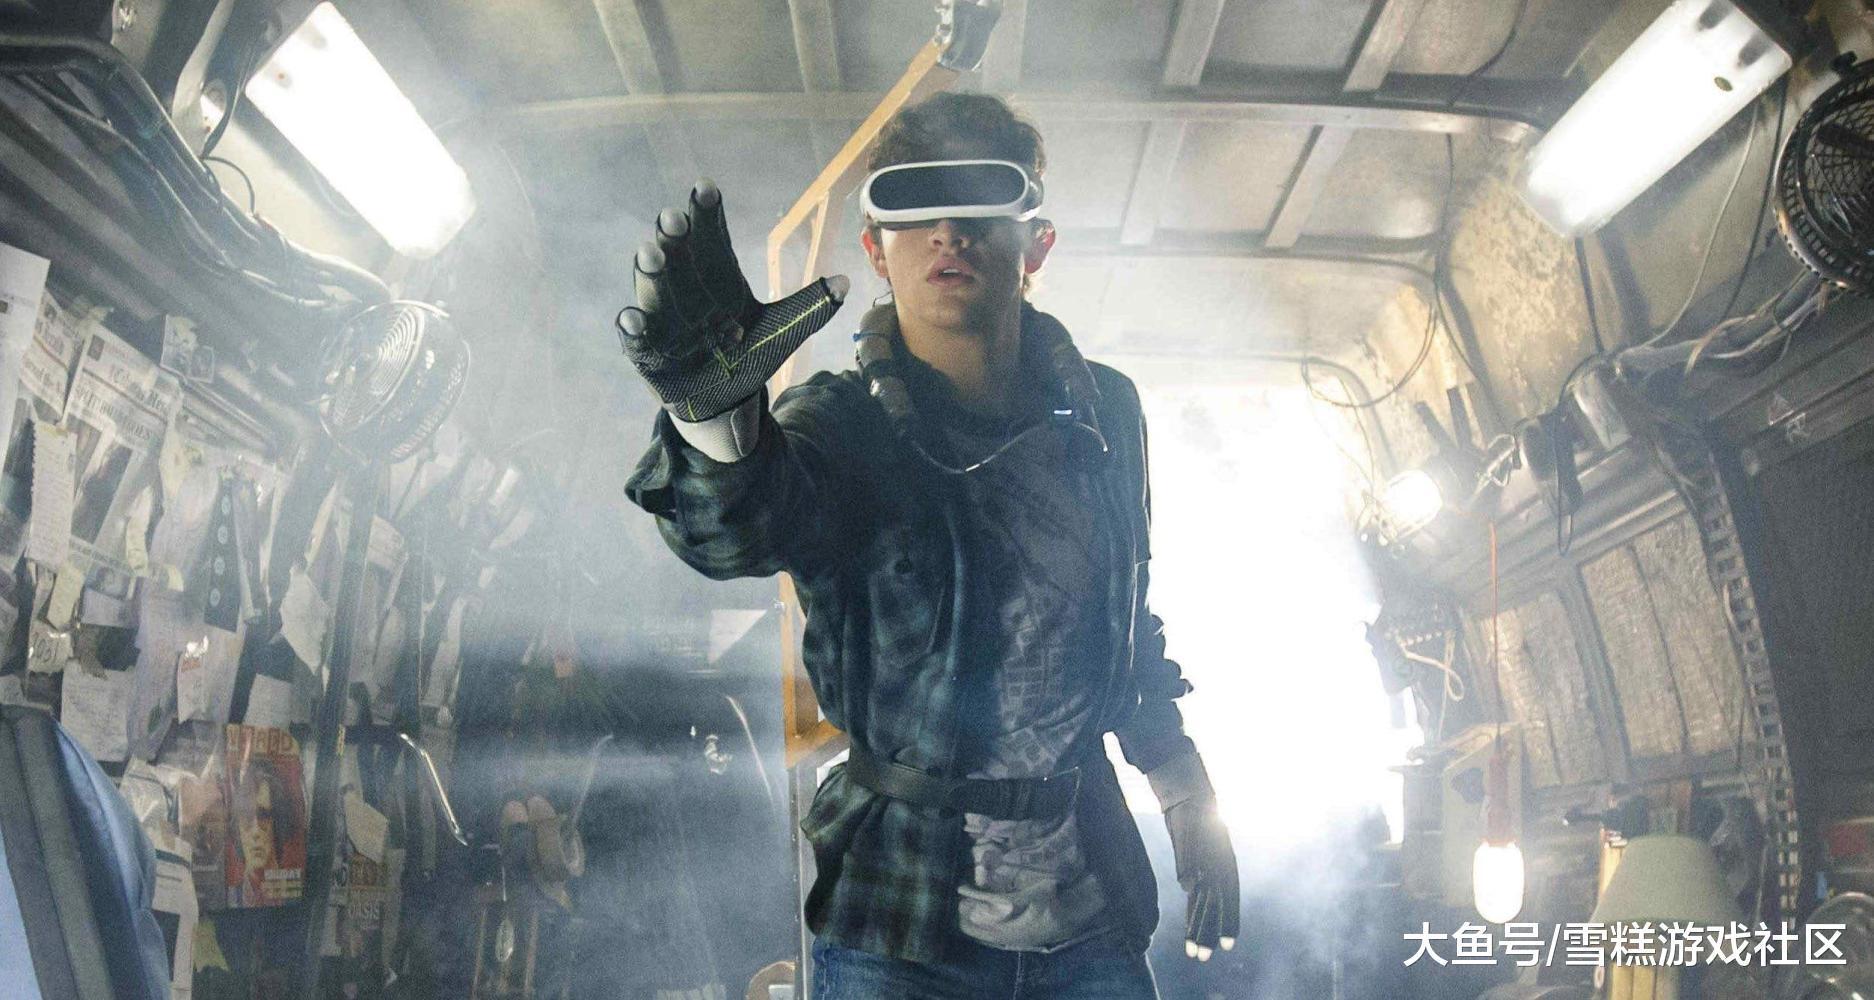 为什么很多人的性格在虚拟世界和在现实生活中不一样?